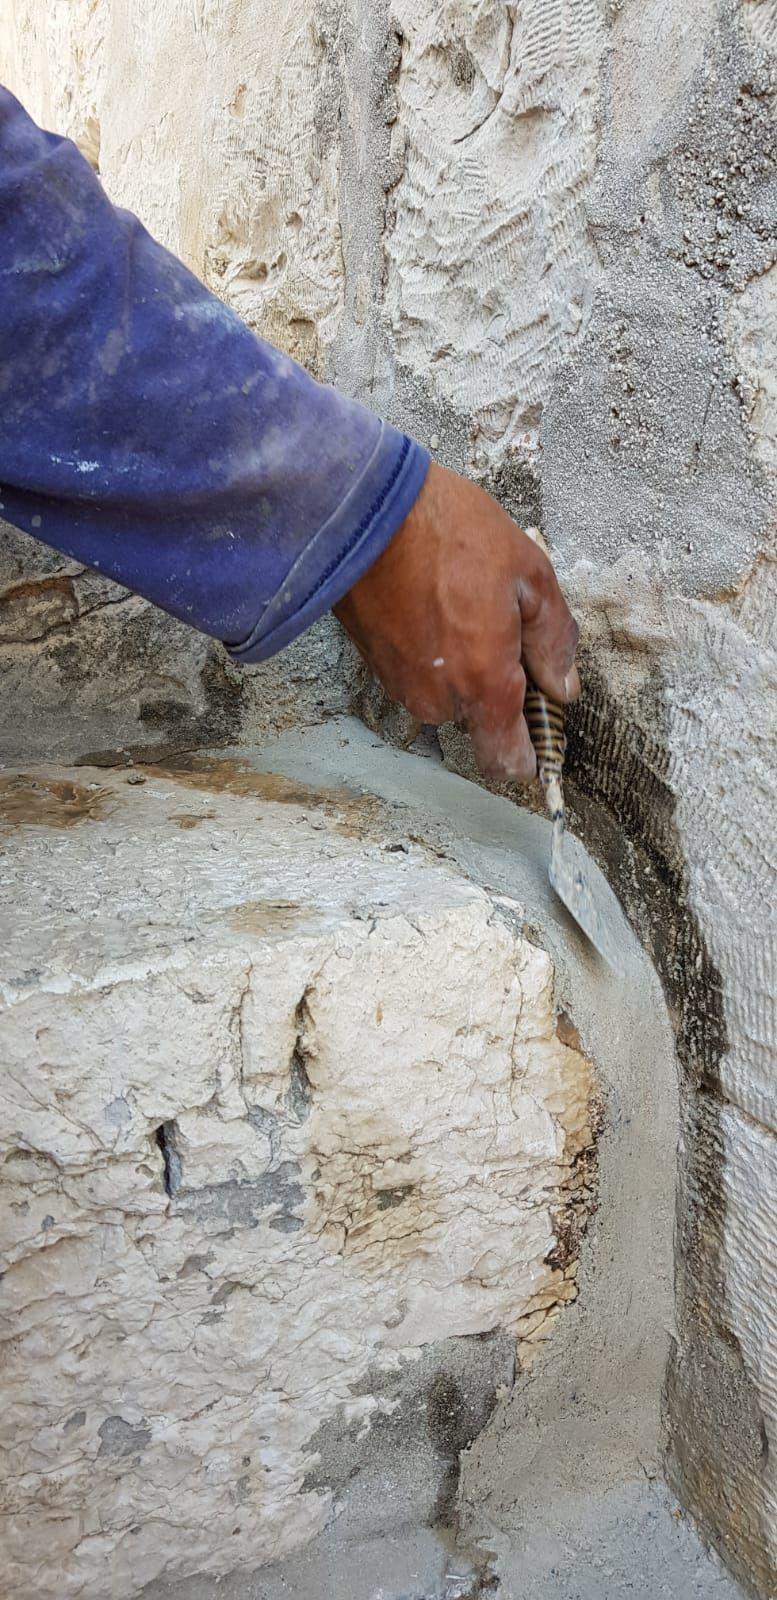 שיקום טיילת חומות העיר העתיקה, ירושלים תמונה מספר 6